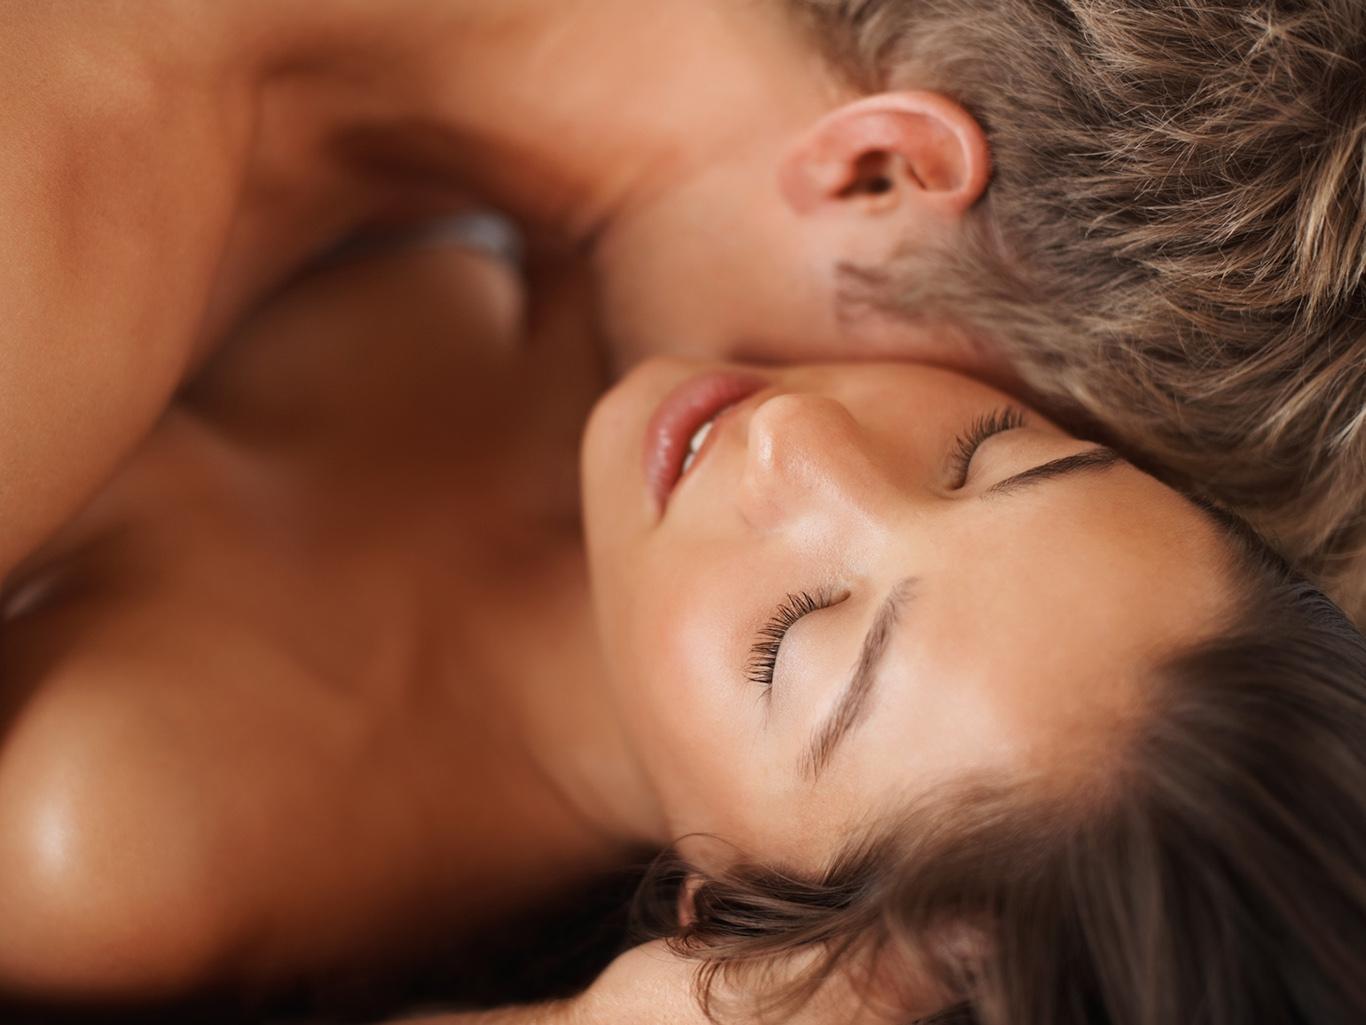 секса интимная жизнь